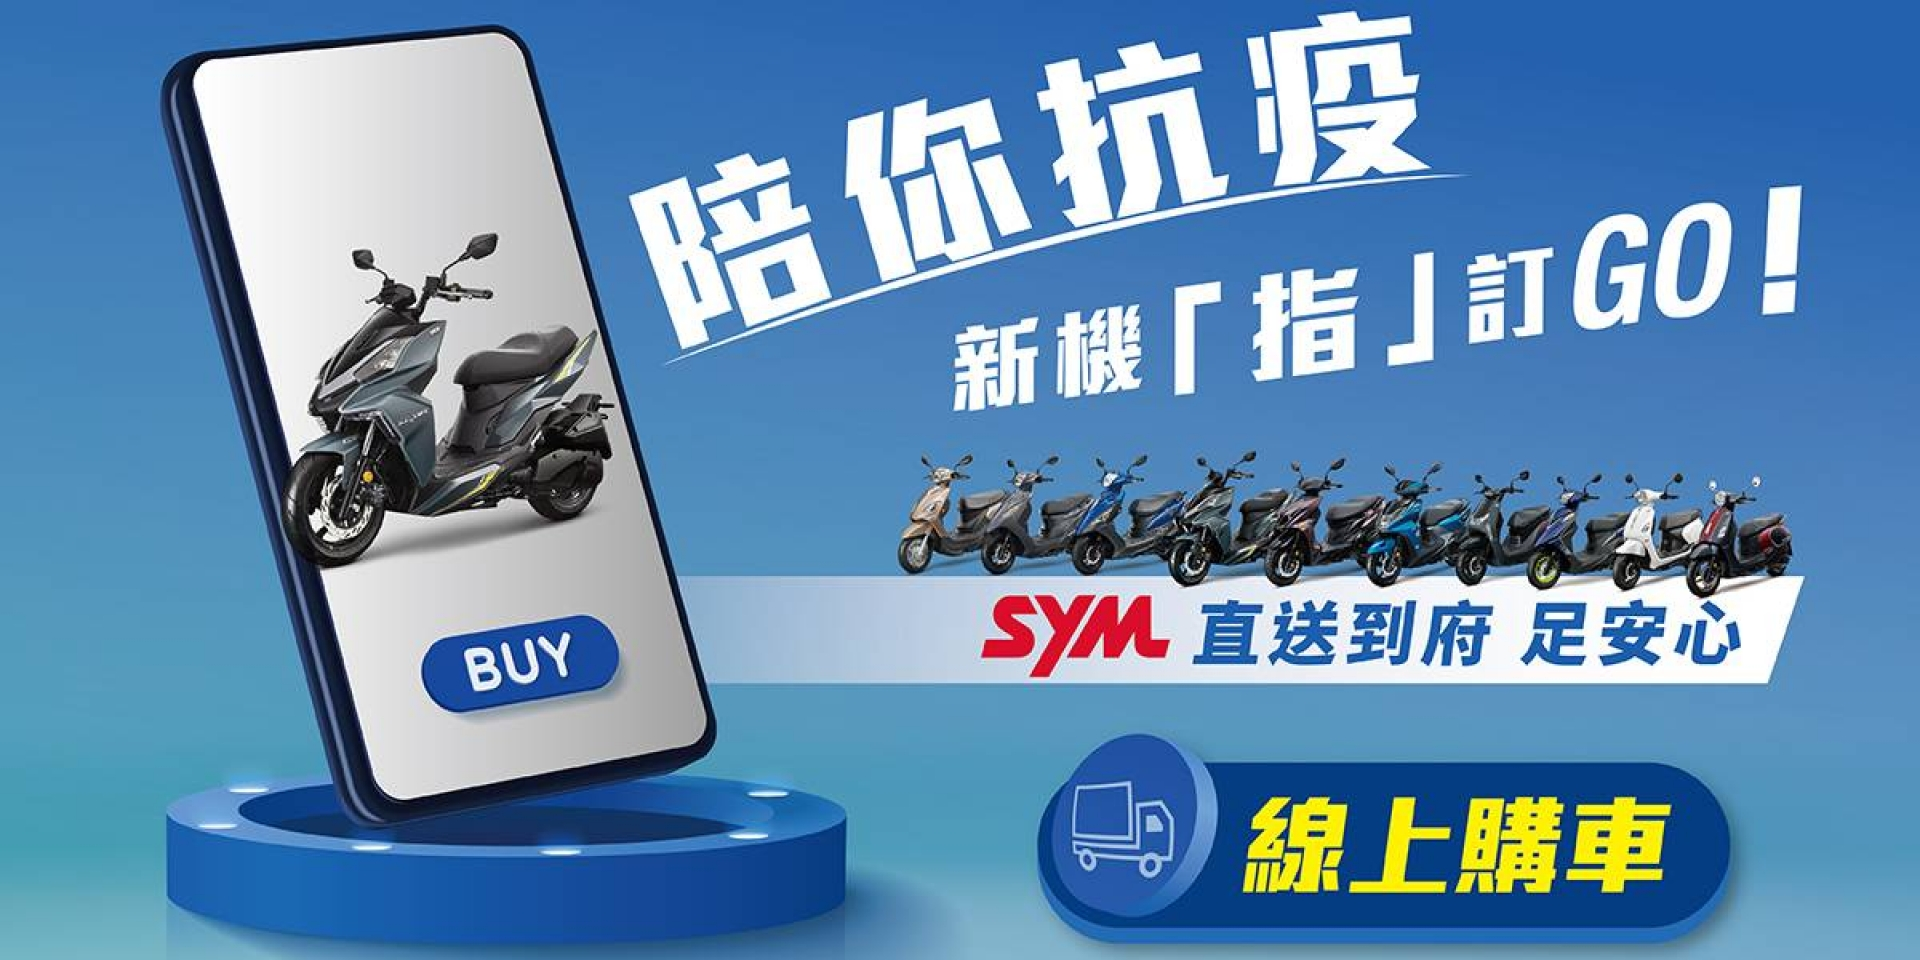 官方新聞稿。SYM陪你抗疫 新機「指」訂GO  線上購車服務 直送到府足安心